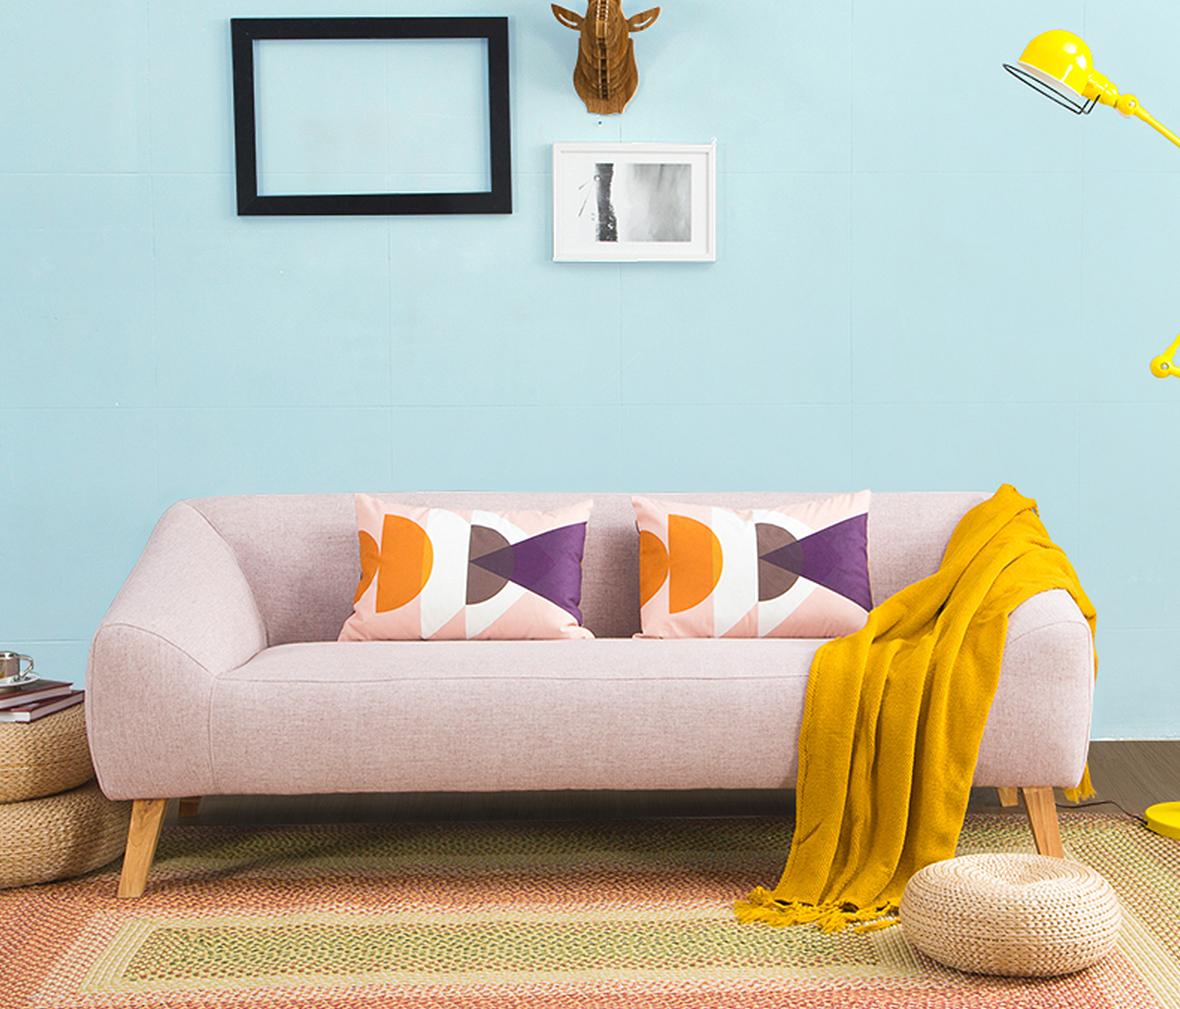 曲美家具 16lw-s21型号双人沙发 现代简约布艺沙发图片